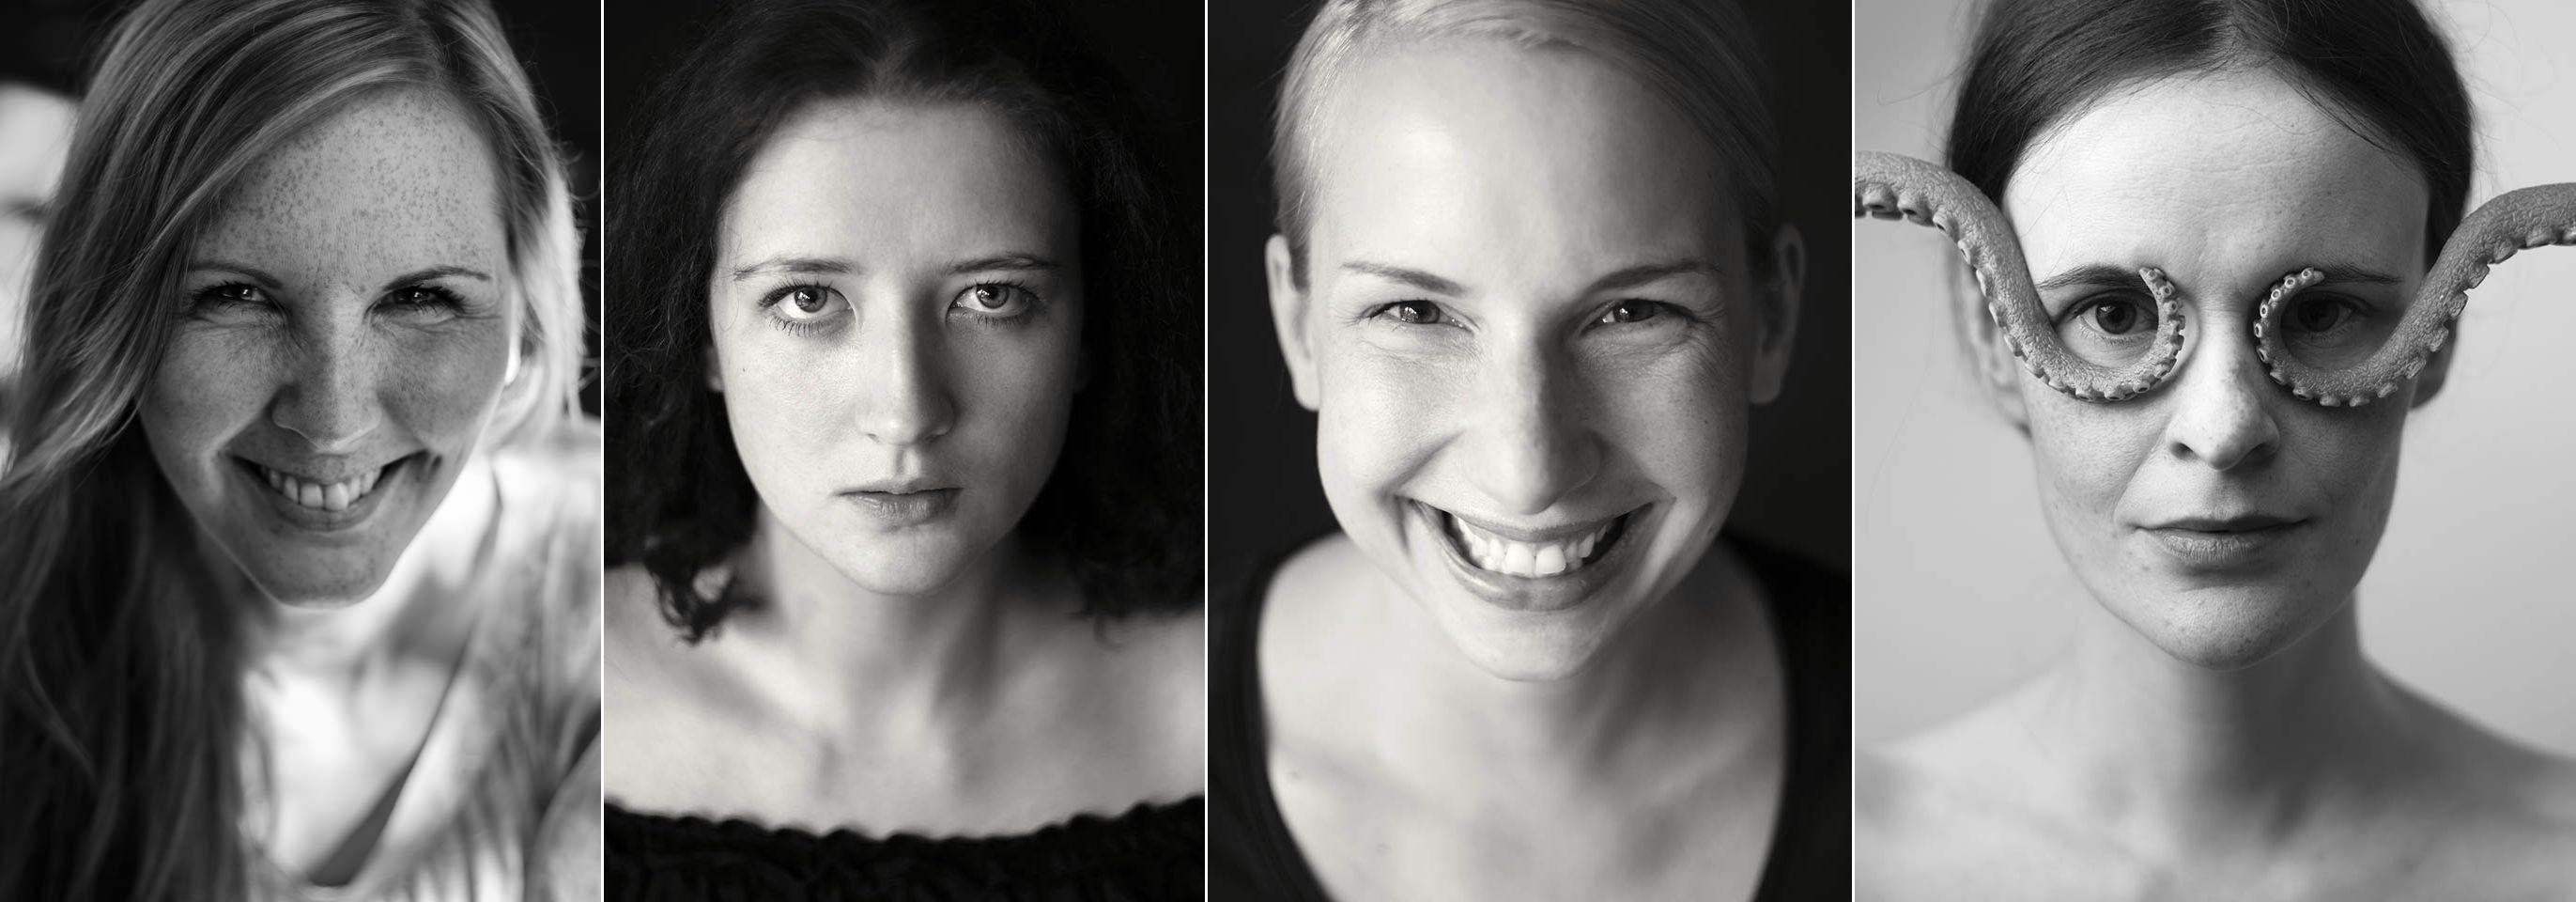 4 Fotos von Frauen unterschiedlichen Alters. Die Fotografien sind in schwarz-weiß. Die Portraitierten schauen direkt in die Kamera. Zwei Frauen lachen herzlich. Die anderen blicken eher ernst in die Kamera. Fotografiert von Astrid Schulz, Fotografin aus Bremen.